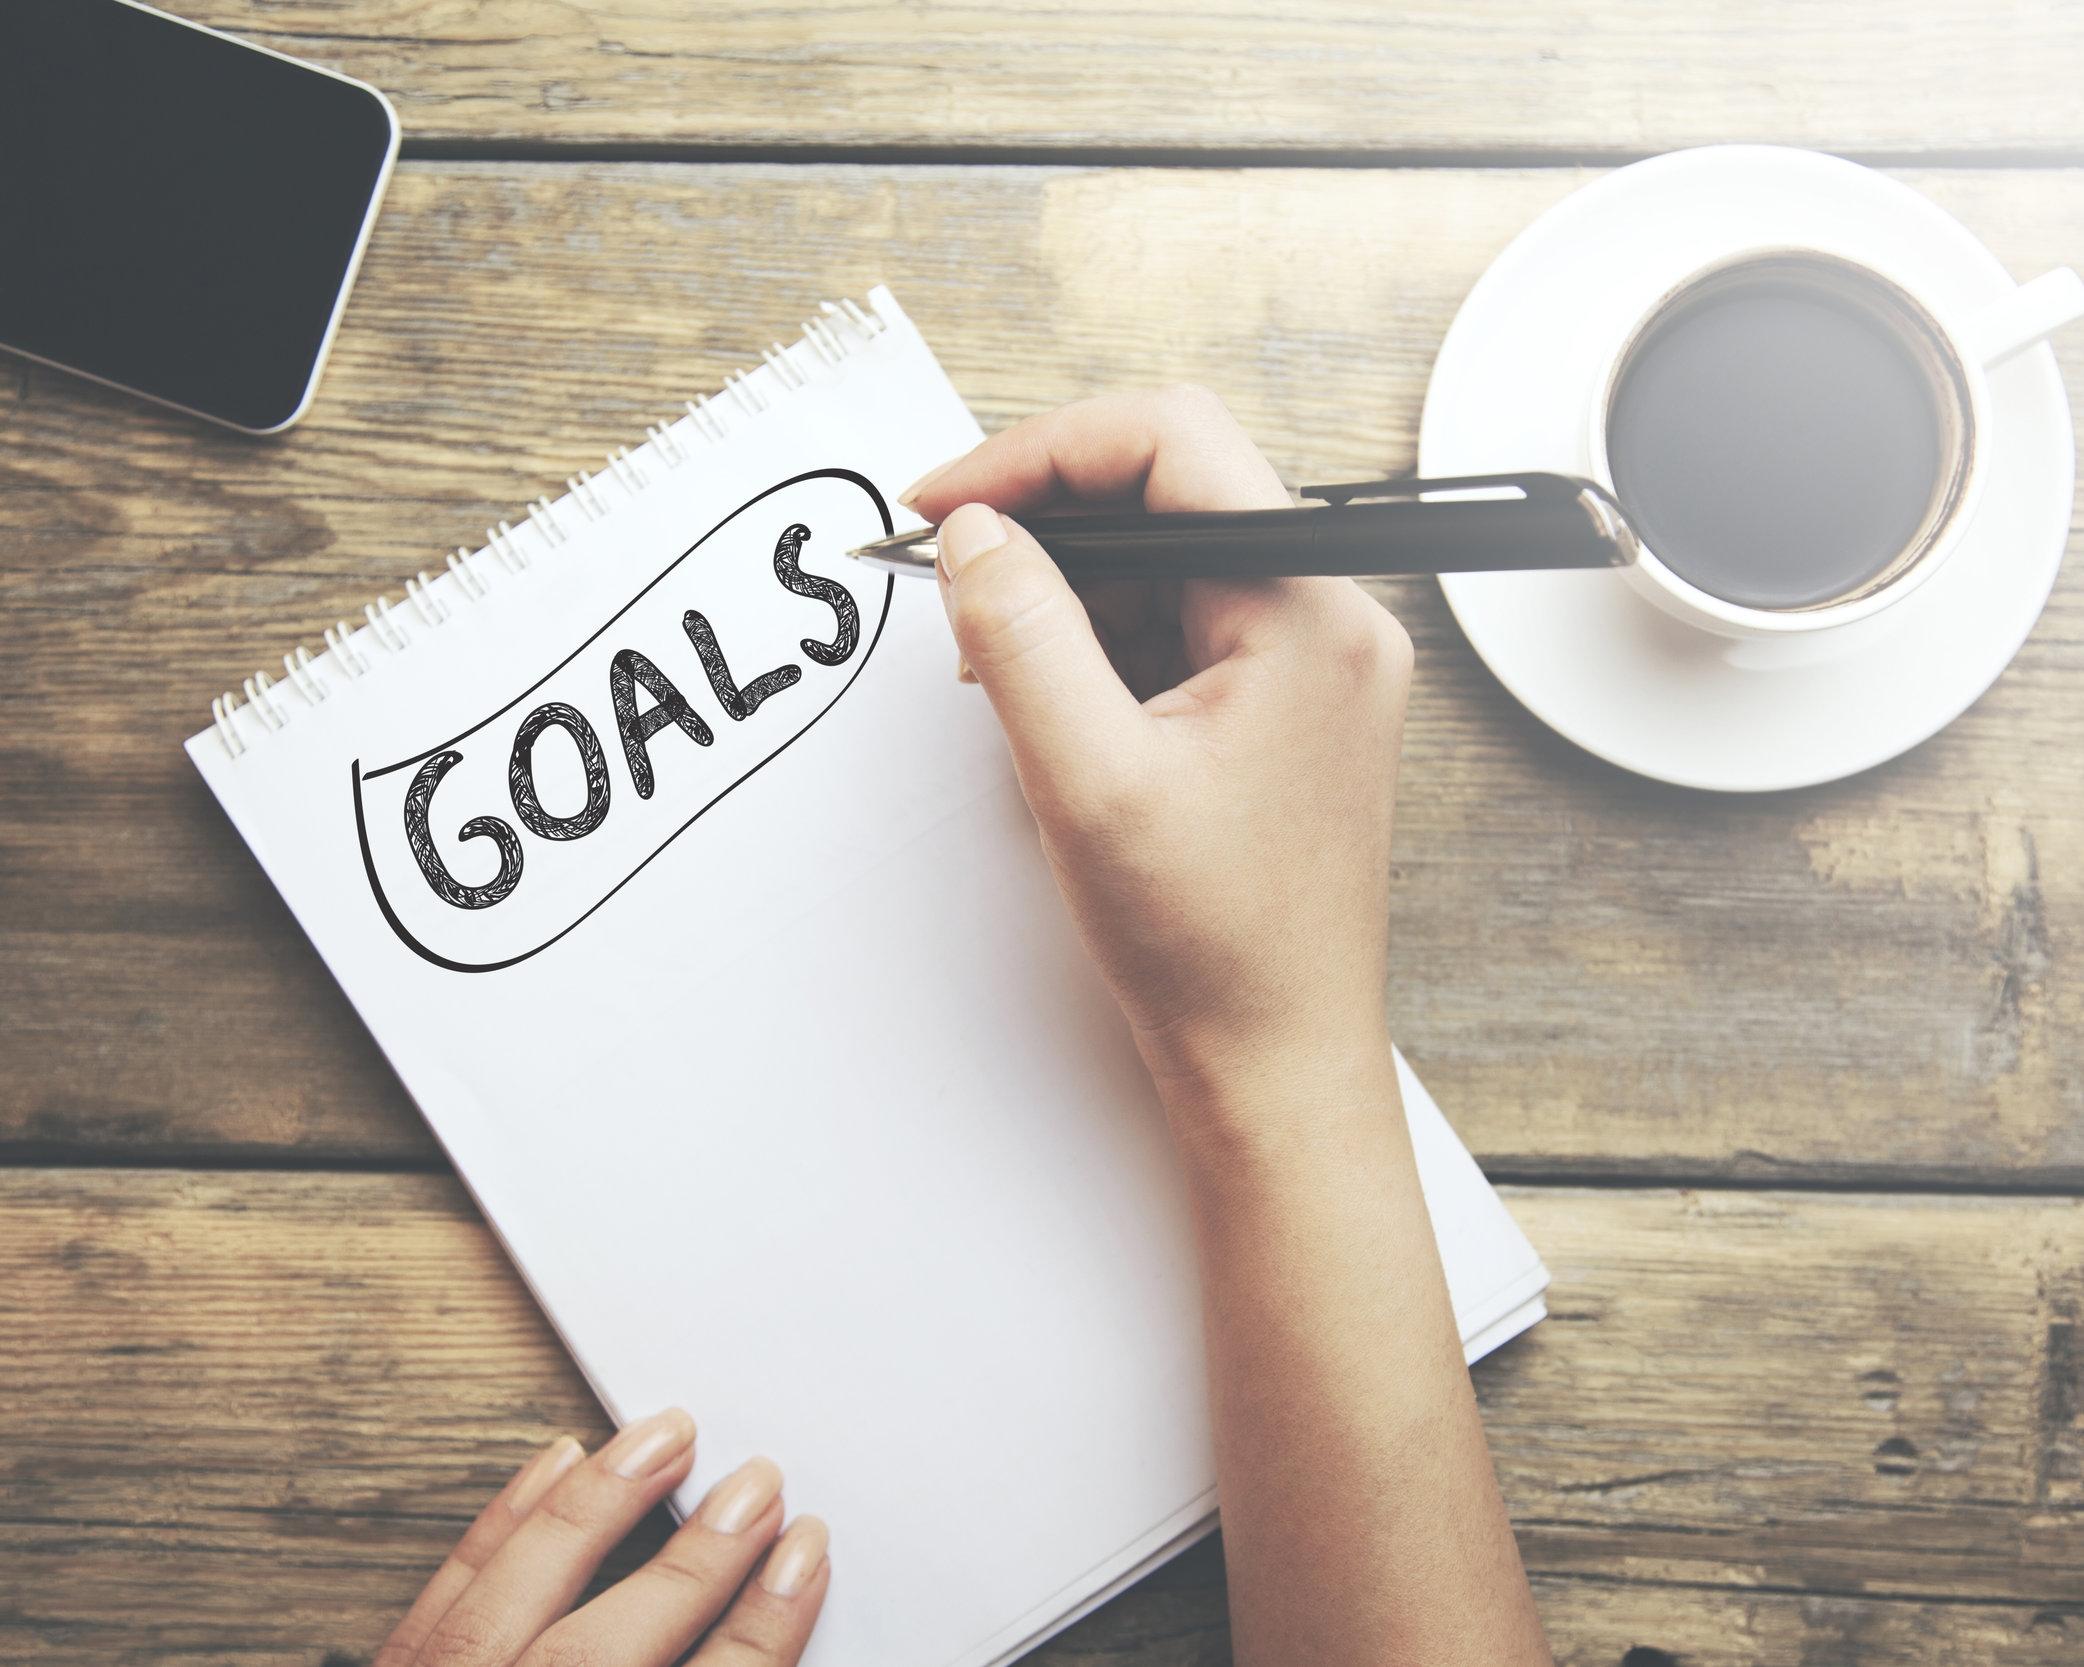 Pienet tavoitteet ja toimintasuunnitelmat lisäävät motivaatiota ja parantavat onnistumisen mahdollisuutta urasuunnitelman laatimisessa.